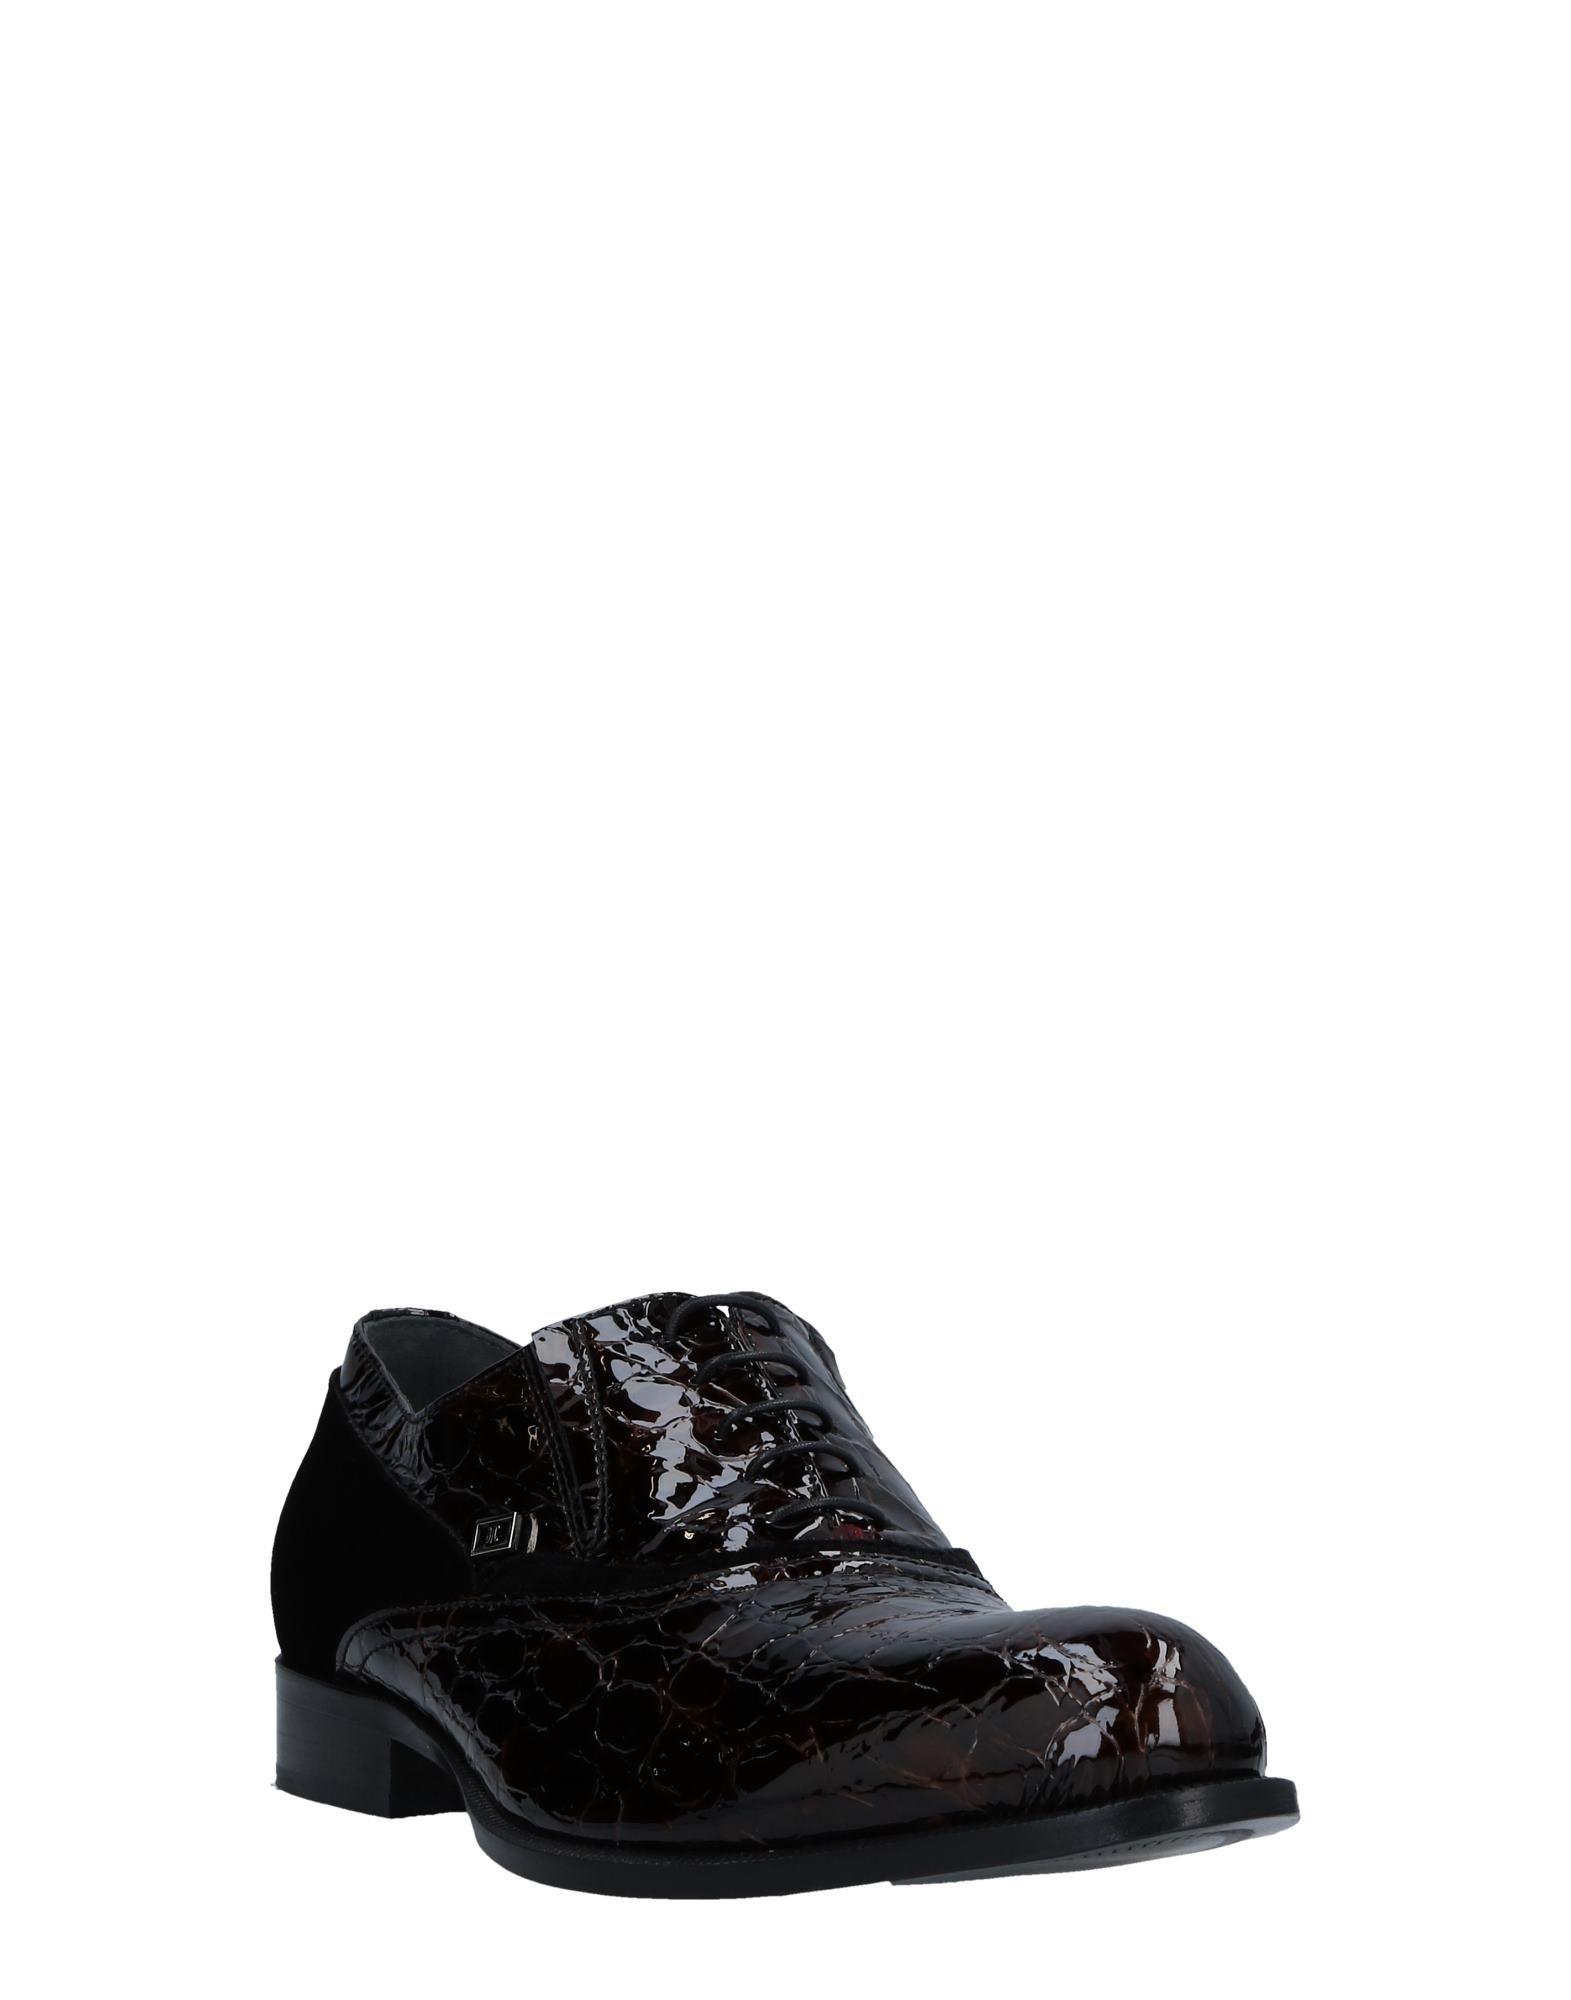 Giovanni Conti Schnürschuhe Herren  11519635JL Gute Qualität beliebte Schuhe